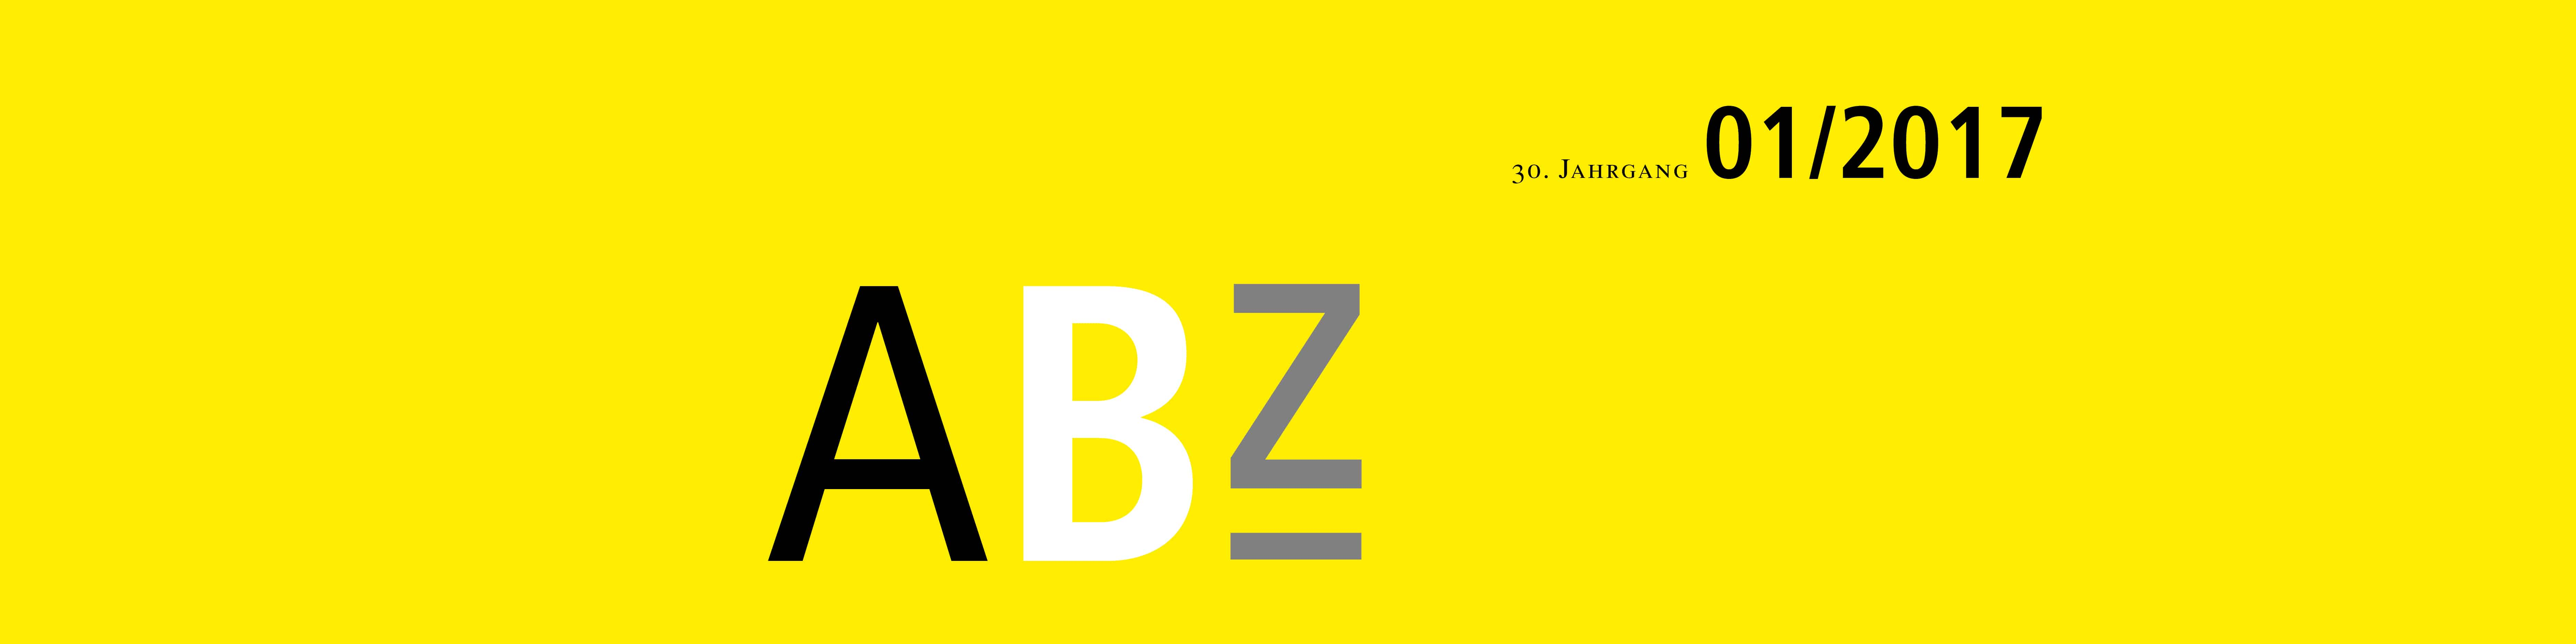 ABZ TANNER Zeitschrift Header 01/2017